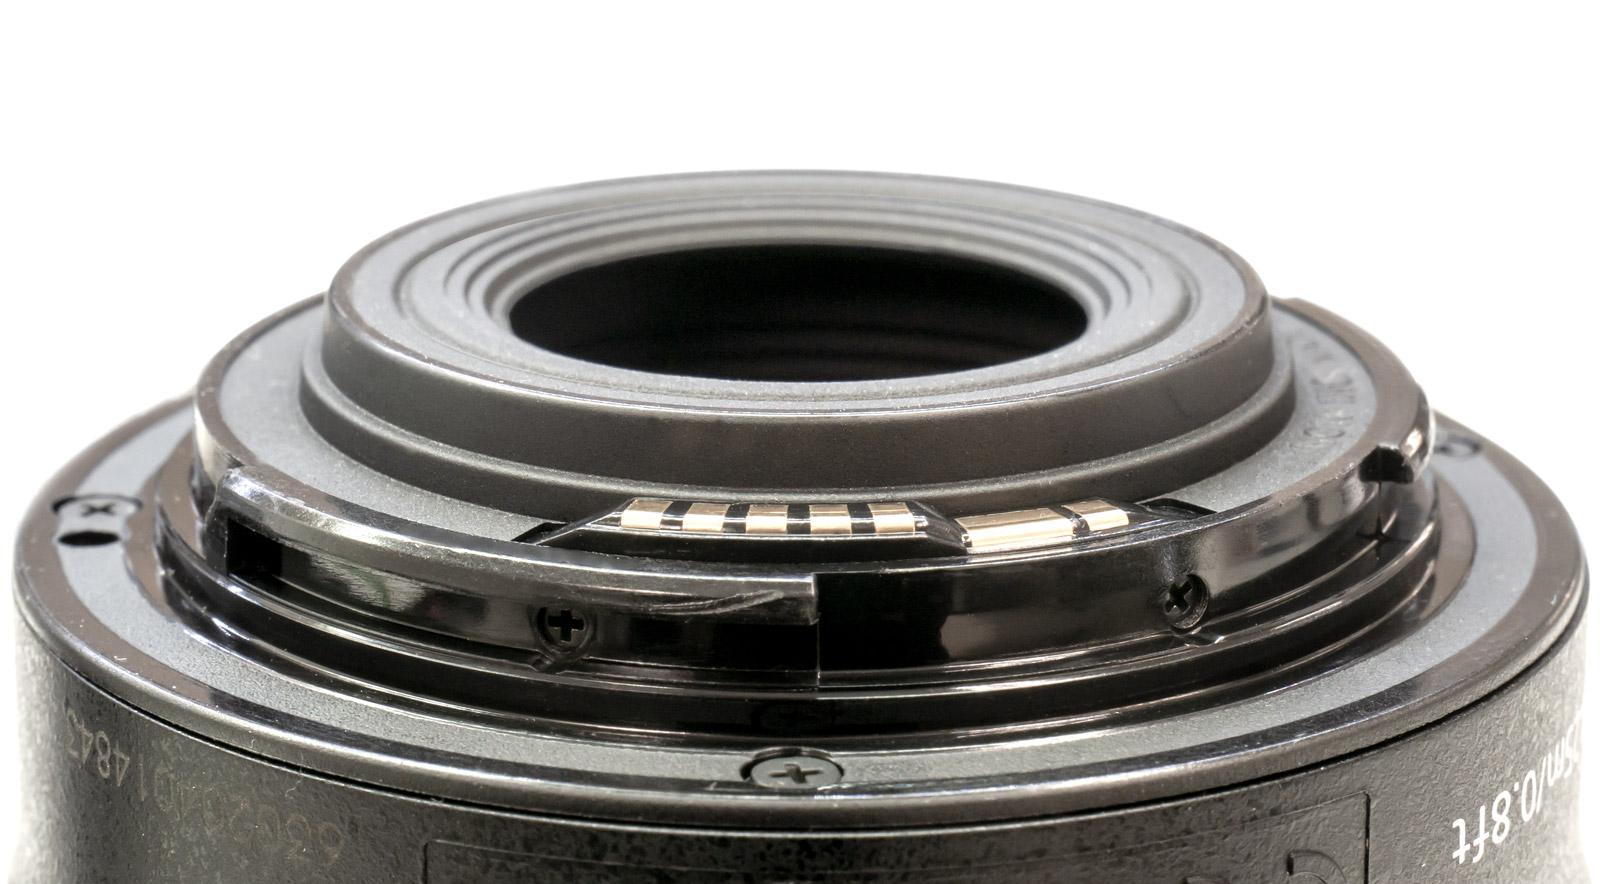 Bayonette lens mount